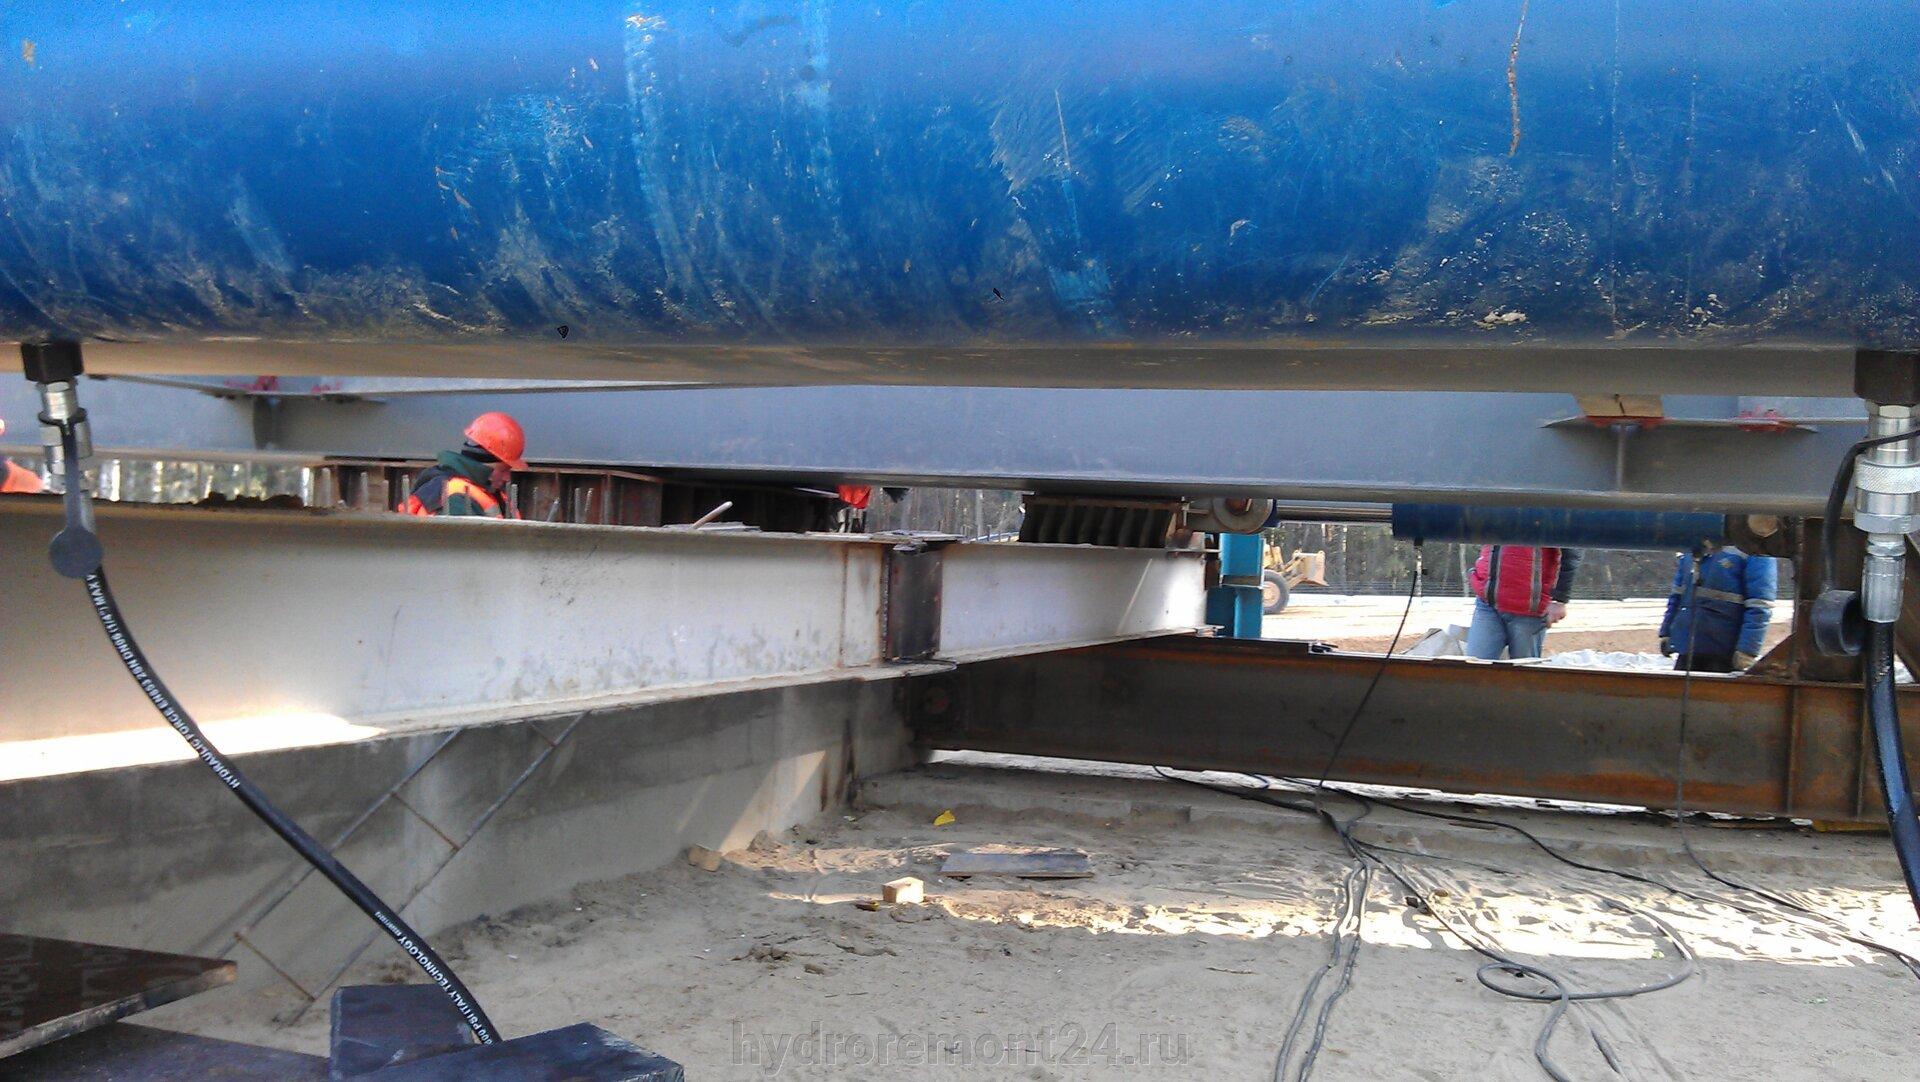 Гидроцилиндры для перемещения мостовых пролетов - фото pic_8761e397d75d7ef9ba84c41a2615e4f2_1920x9000_1.jpg